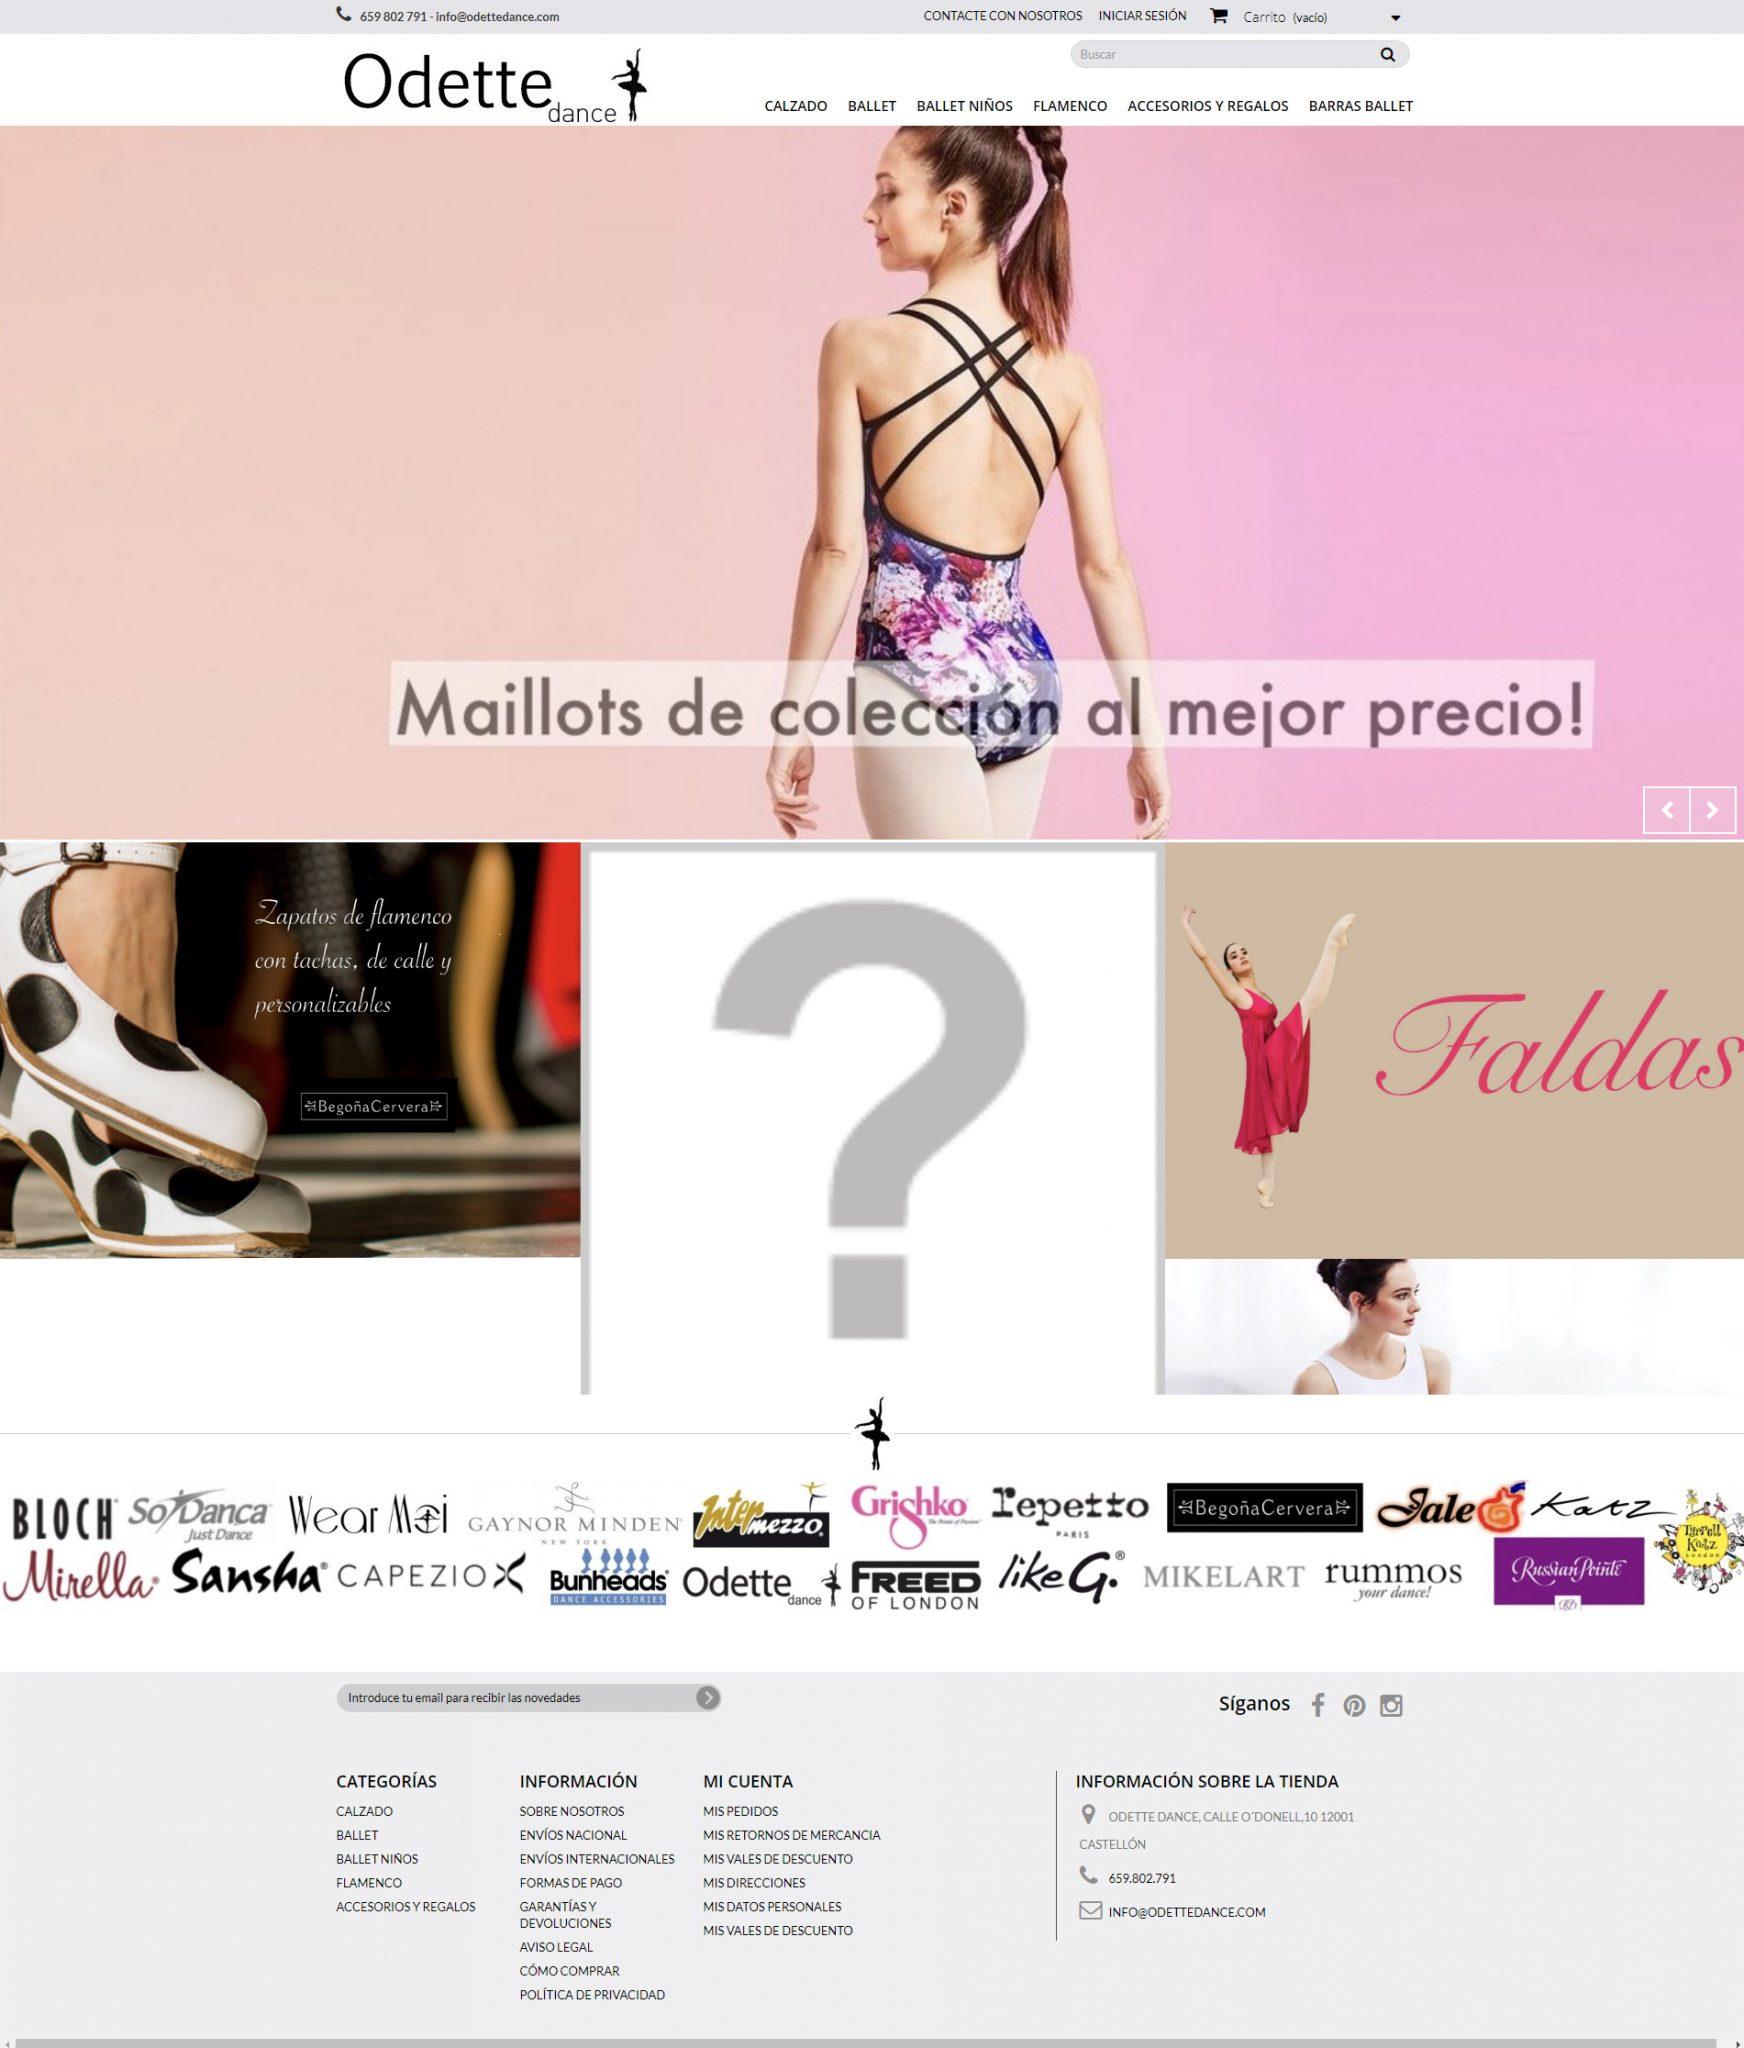 Nueva Tienda Online para las amantes de la danza http://www.odettedance.com/ con +Autoadministrable +Catálogo